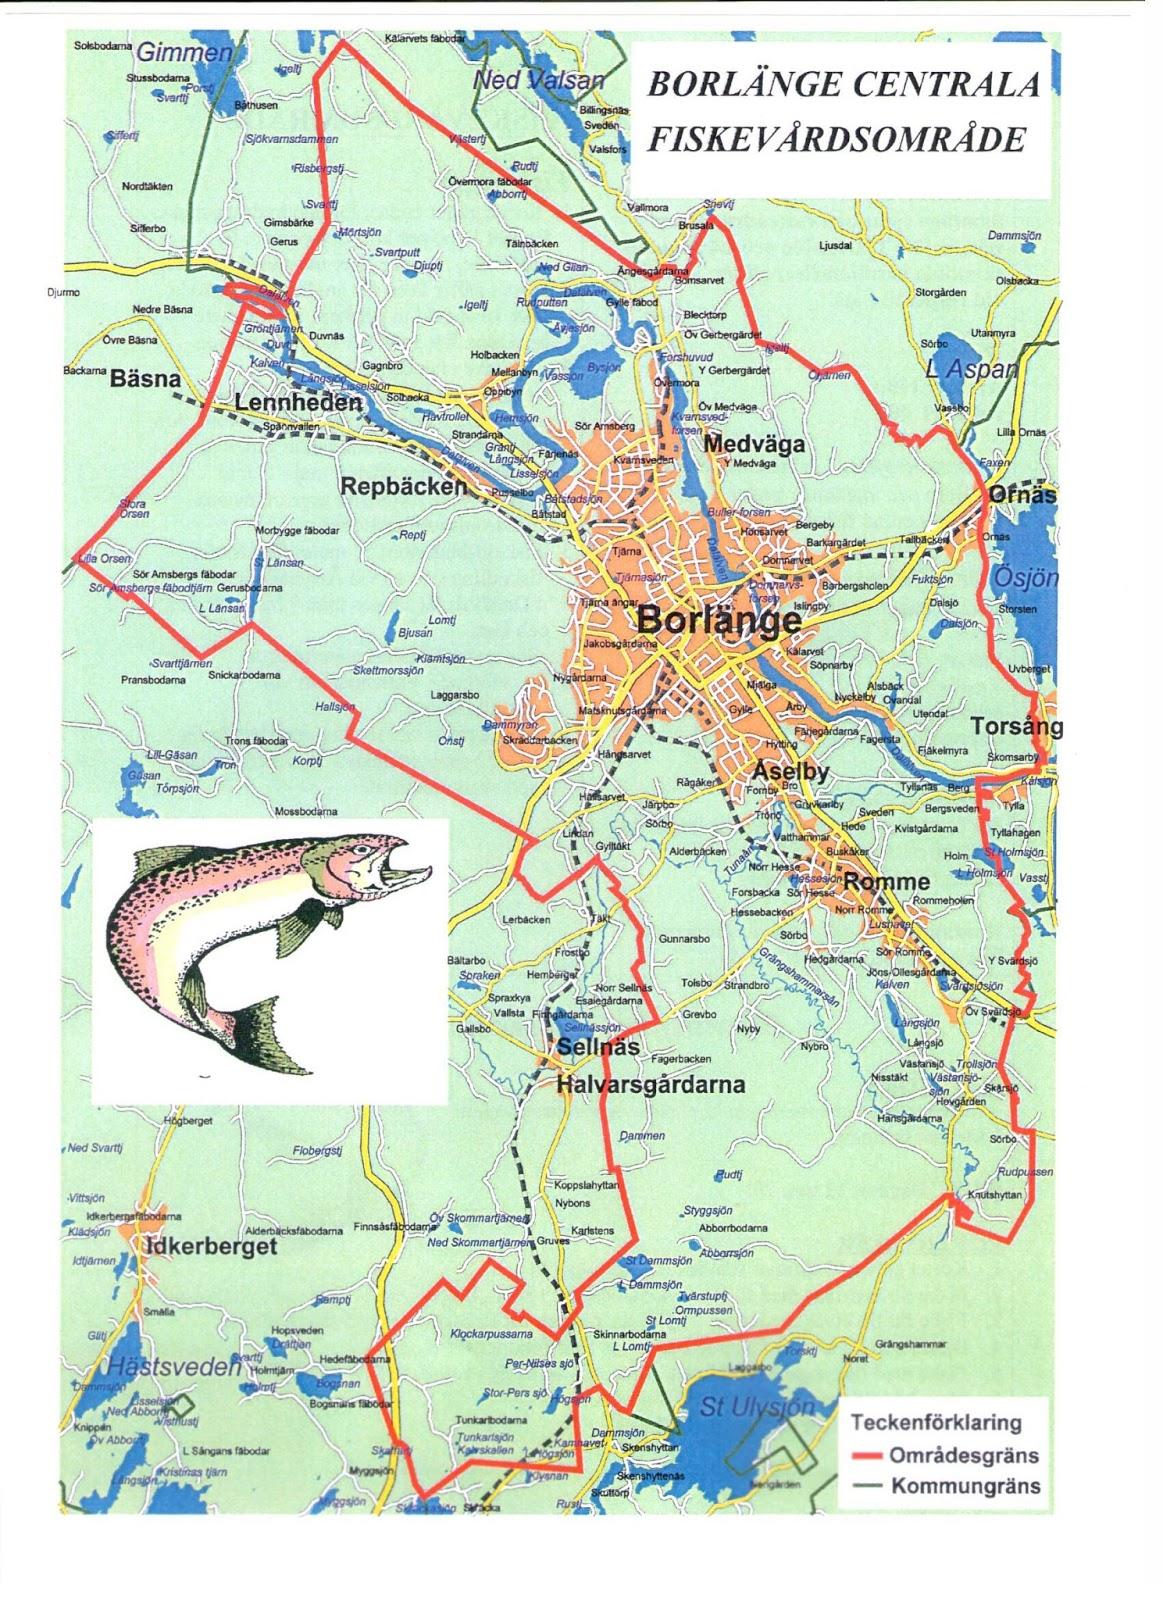 Karta Borlange.Borlange Centrala Fiskevardsomrade Karta Over Fiskevardsomradet